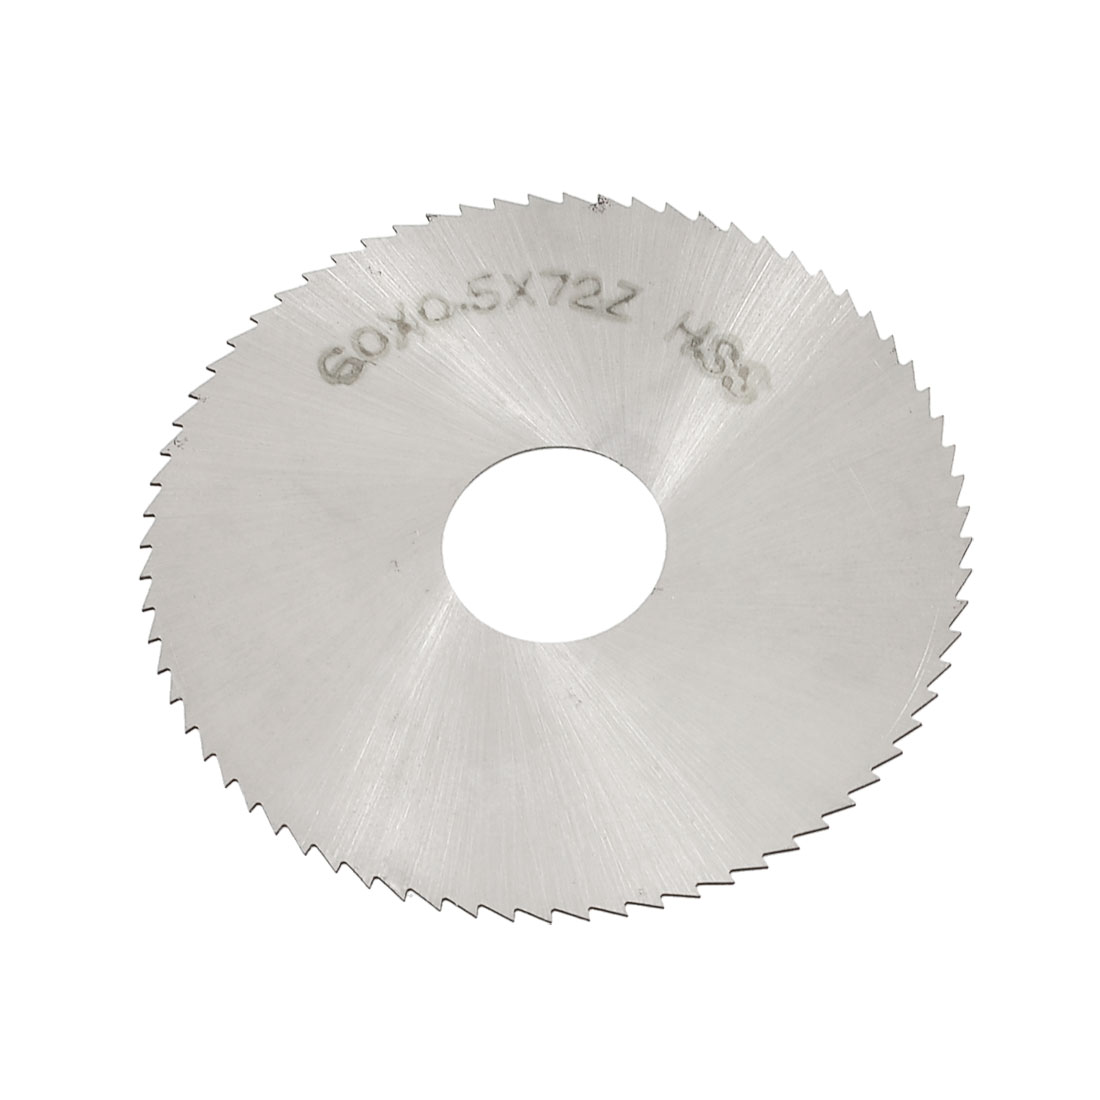 60 mm OD 0.5 mm d'épaisseur 72t HSS circulaire Lame de scie à fendre - image 1 de 1